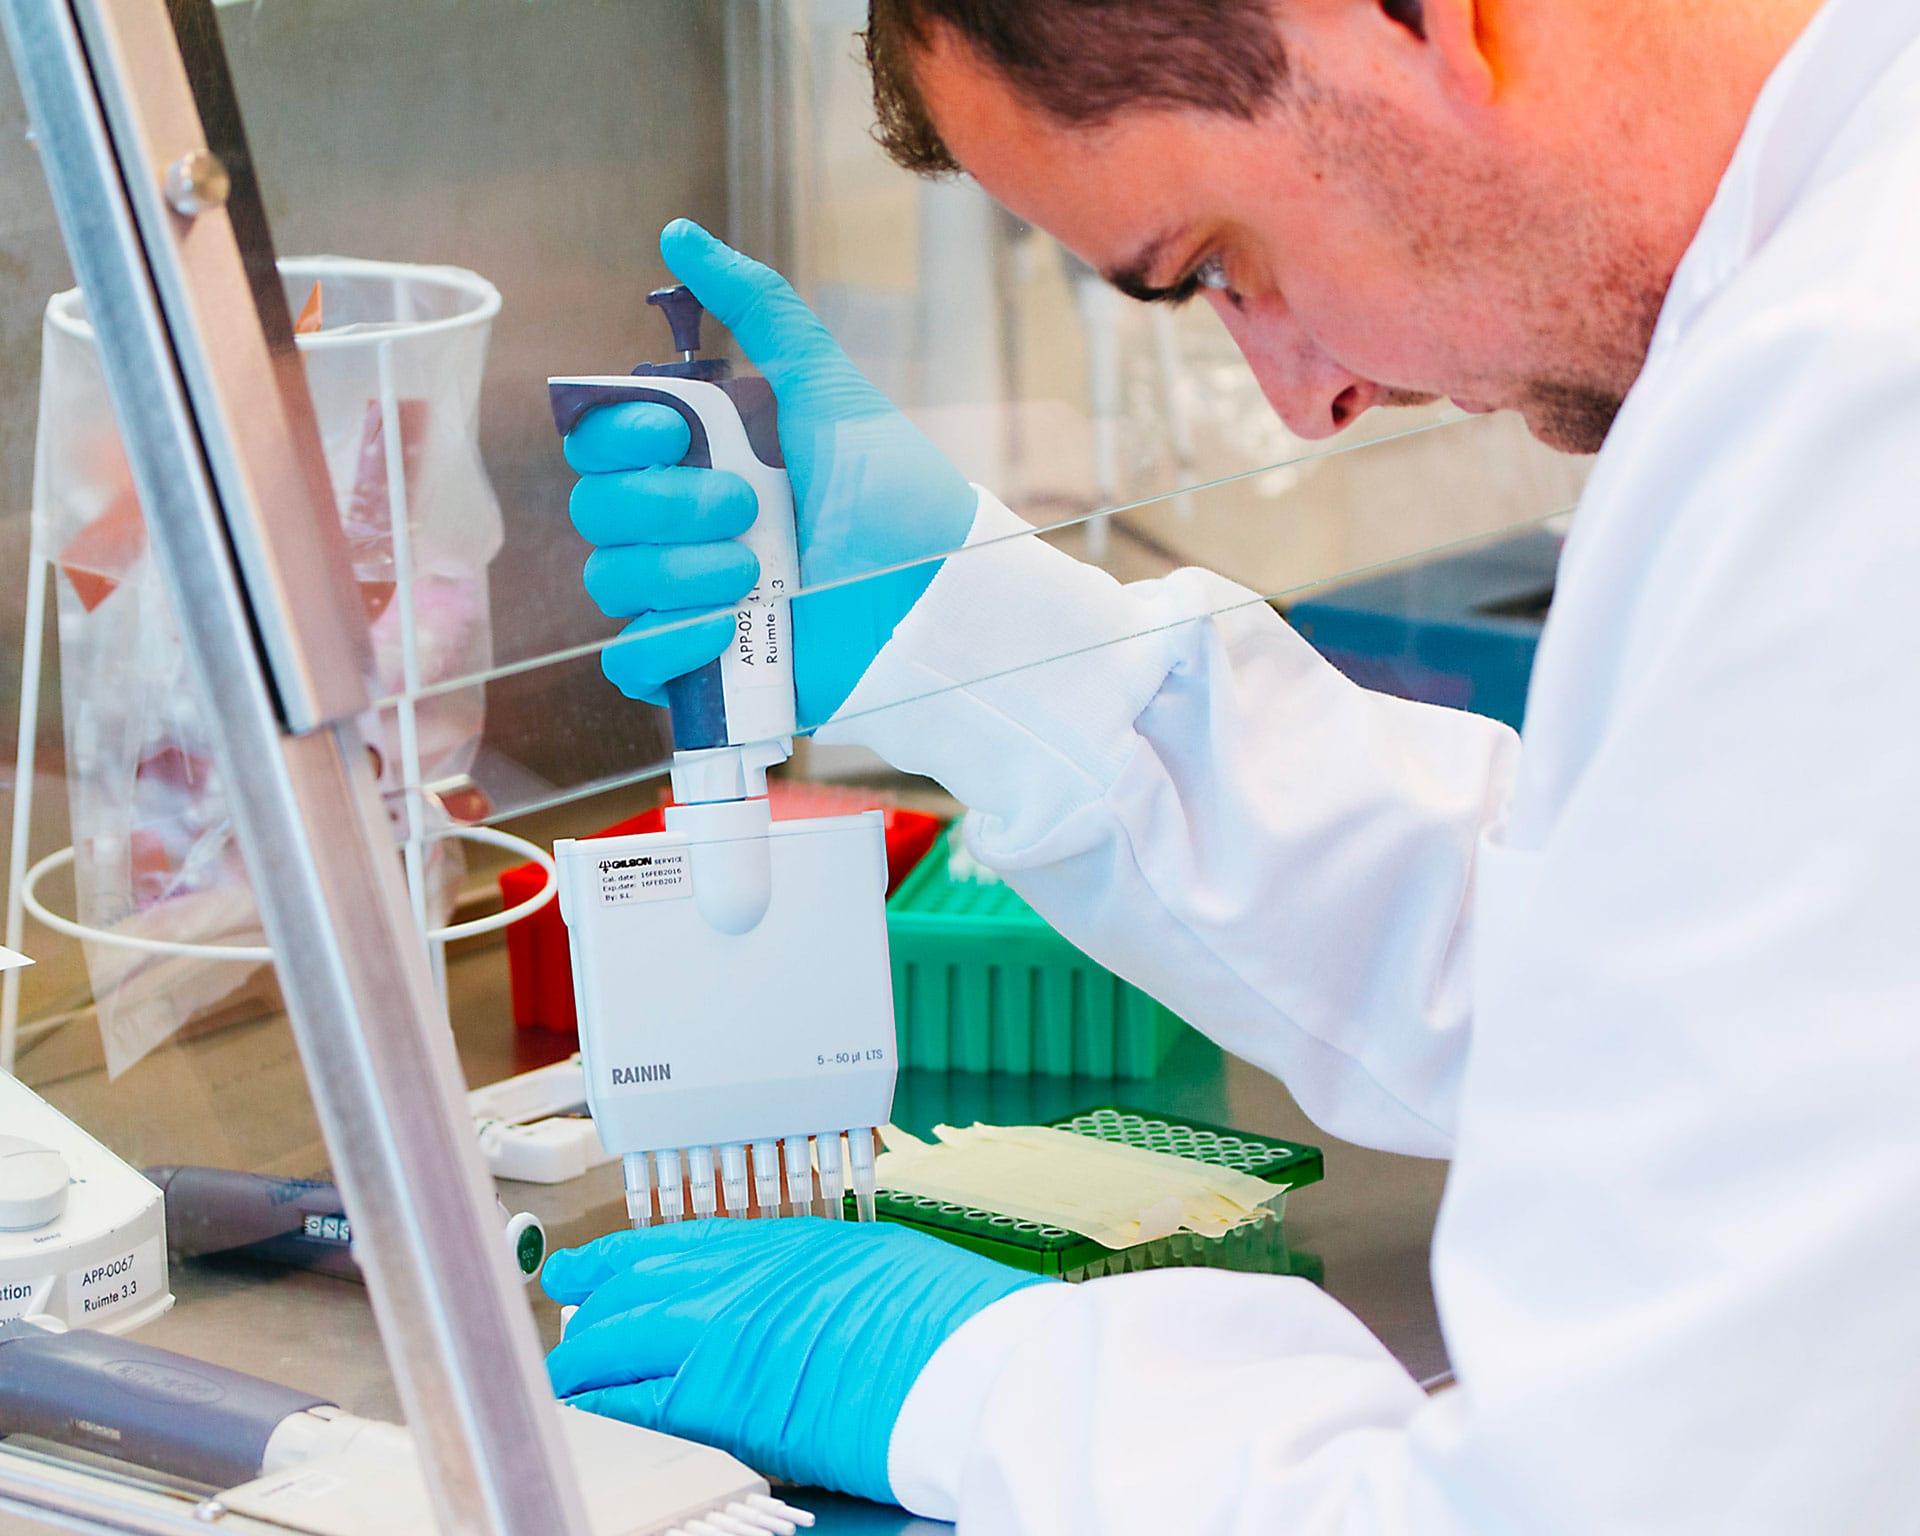 Onderzoeker van Pathonostics onderzoek schimmels. PathoNostics ontwikkelt nieuwe snelle DNA-testen om gistinfecties en schimmelinfecties te diagnostiseren met AsperGenius, DermaNostix en MucorGenius